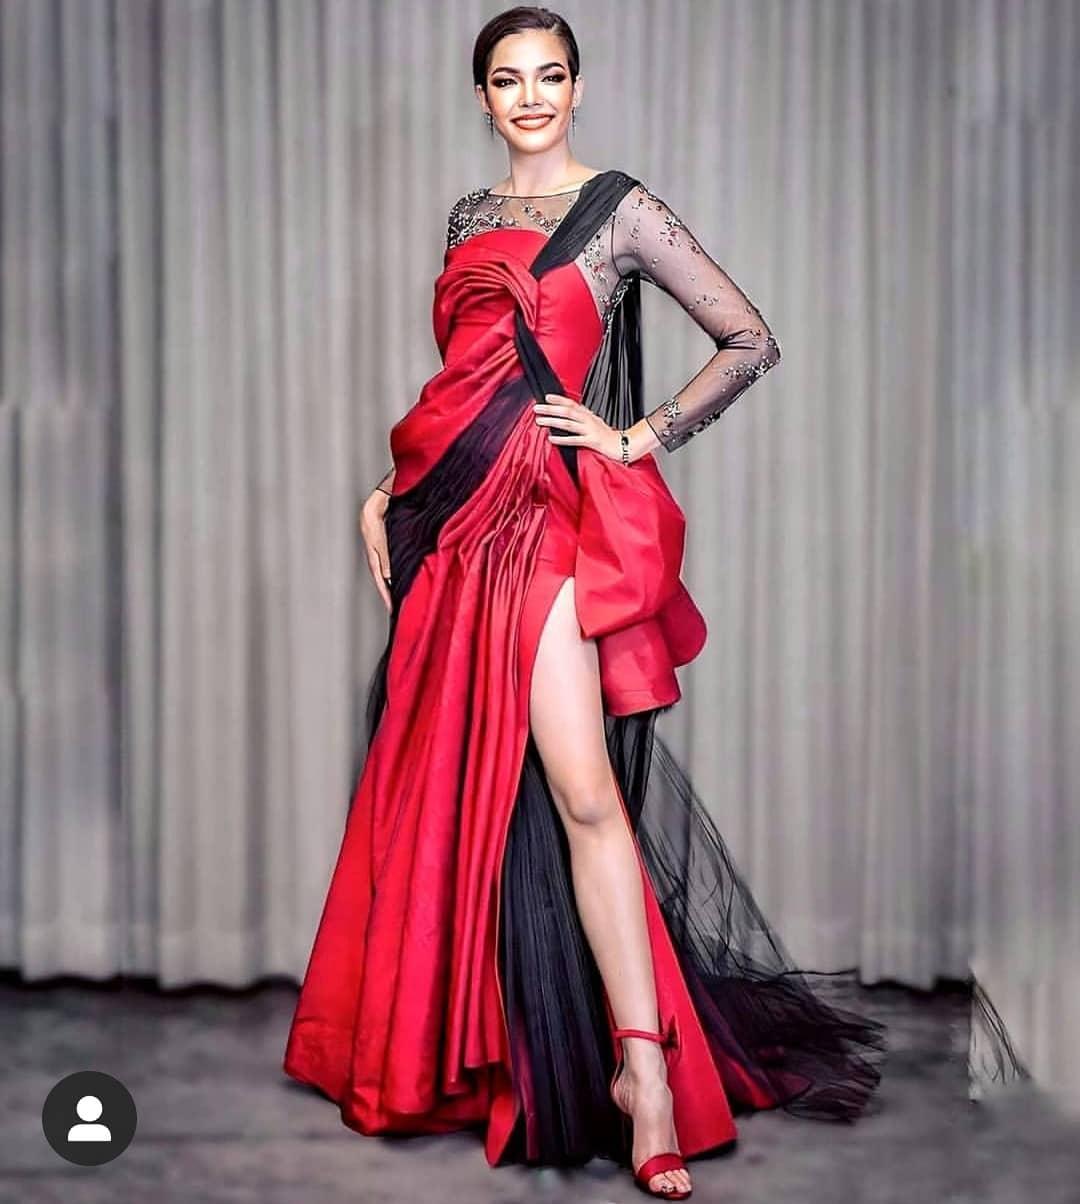 candidatas a miss universe 2019. final: 8 dec. sede: atlanta. - Página 56 96bc6toh